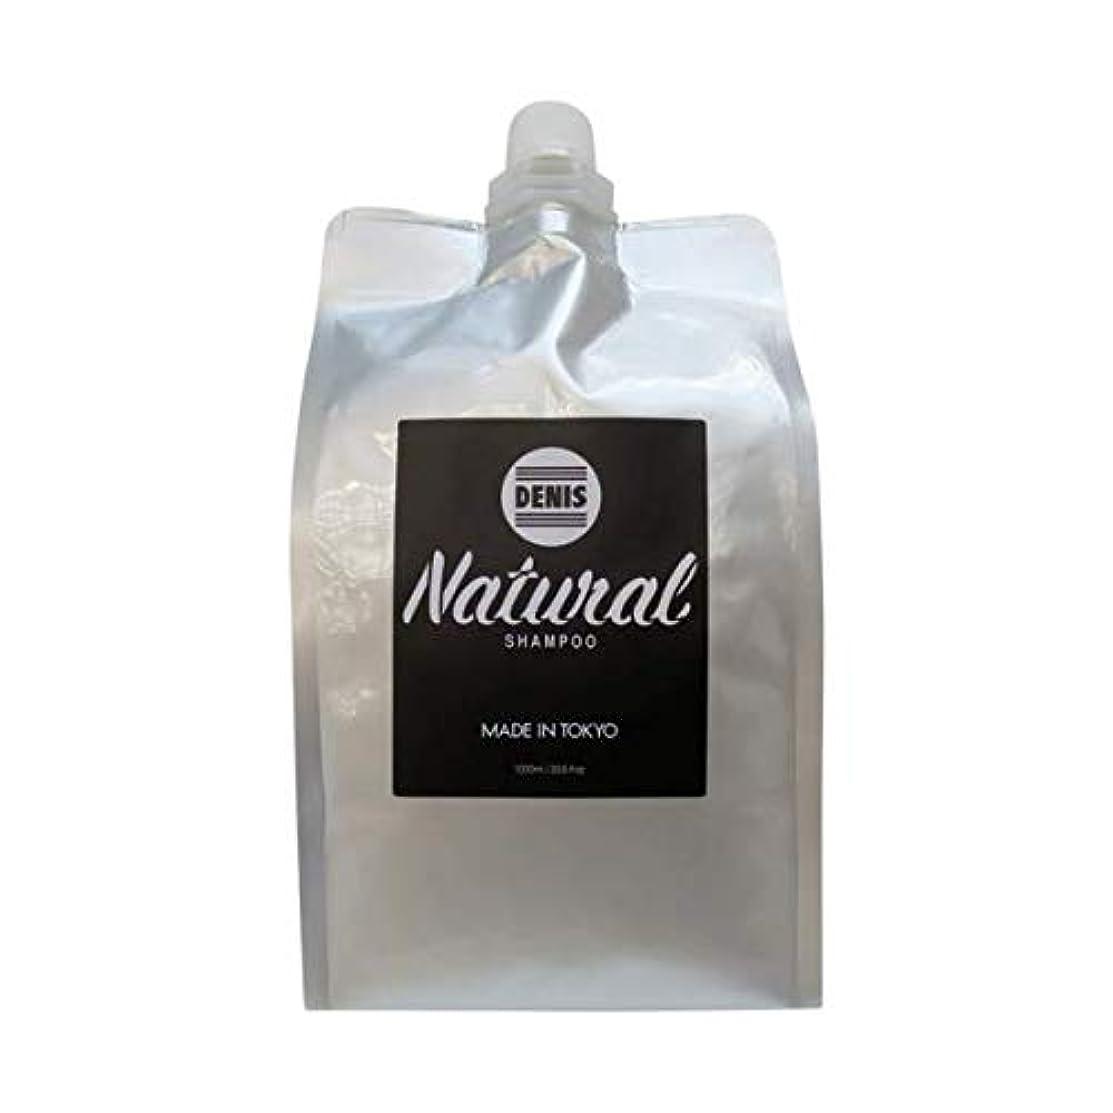 表面批判的ナラーバーDENIS NATURAL SHAMPOO 詰替用 1000ml ナチュラルシャンプー詰替用